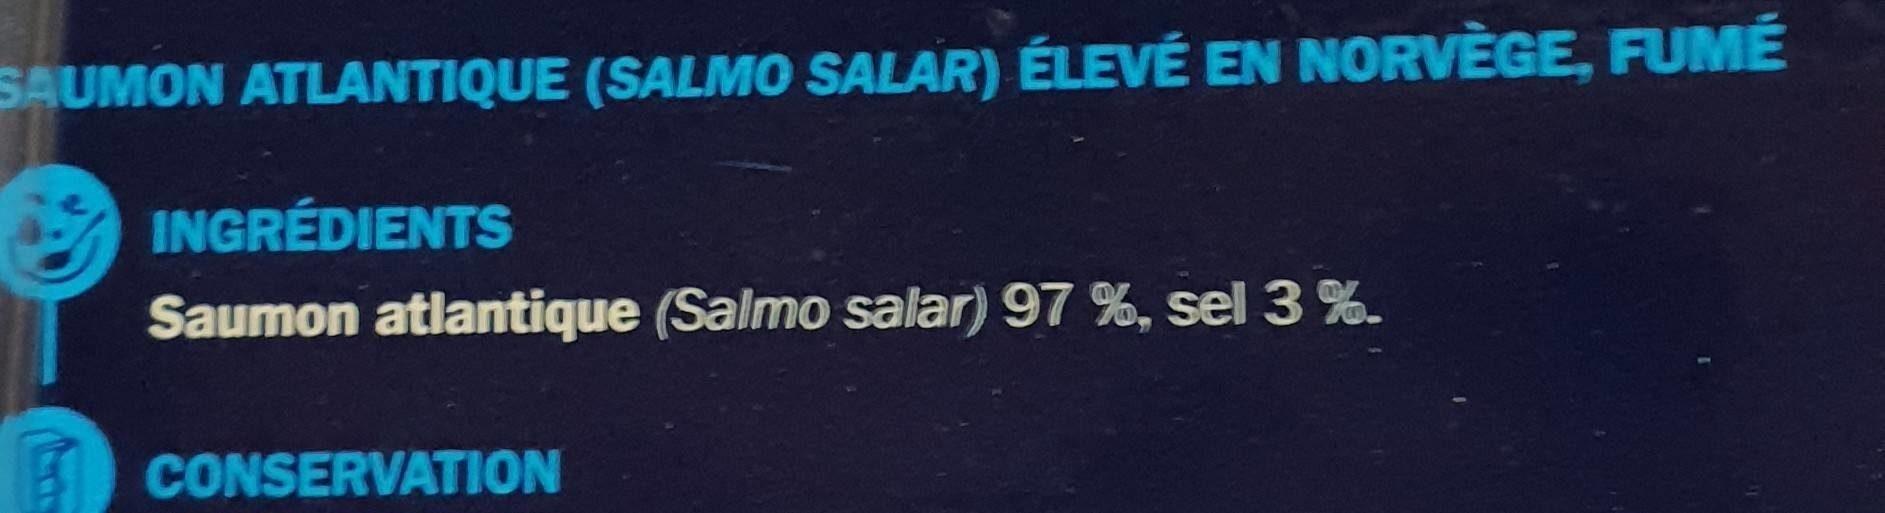 Saumon fumé de Norvège A.S.C. 2 tranches - Ingrédients - fr